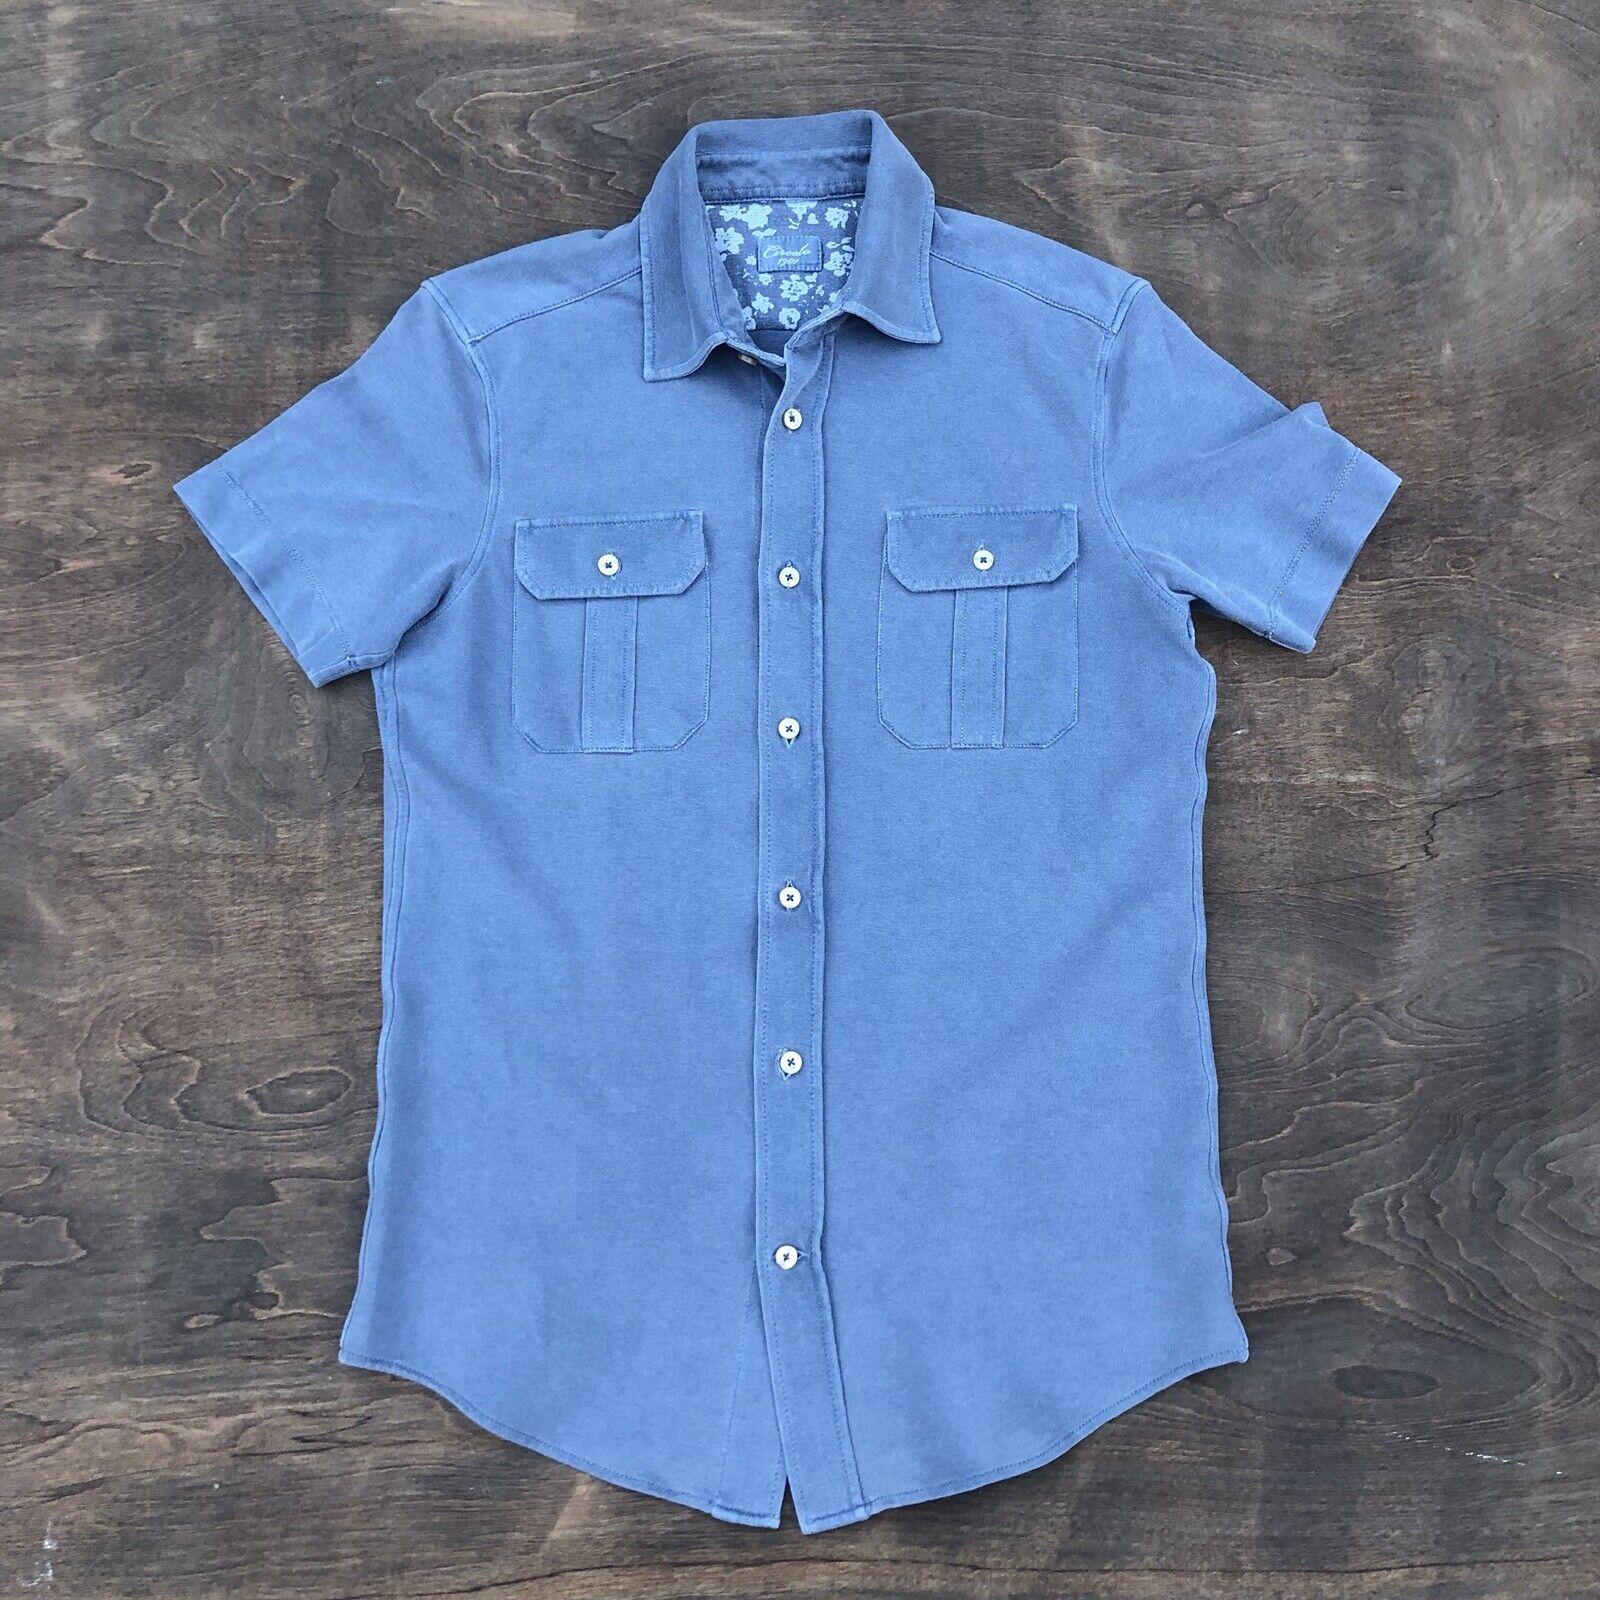 Circolo 1901 Botones Camisa Polo De Hombre  Azul Medio Elástico Usado En Excelente Condición  venta con descuento